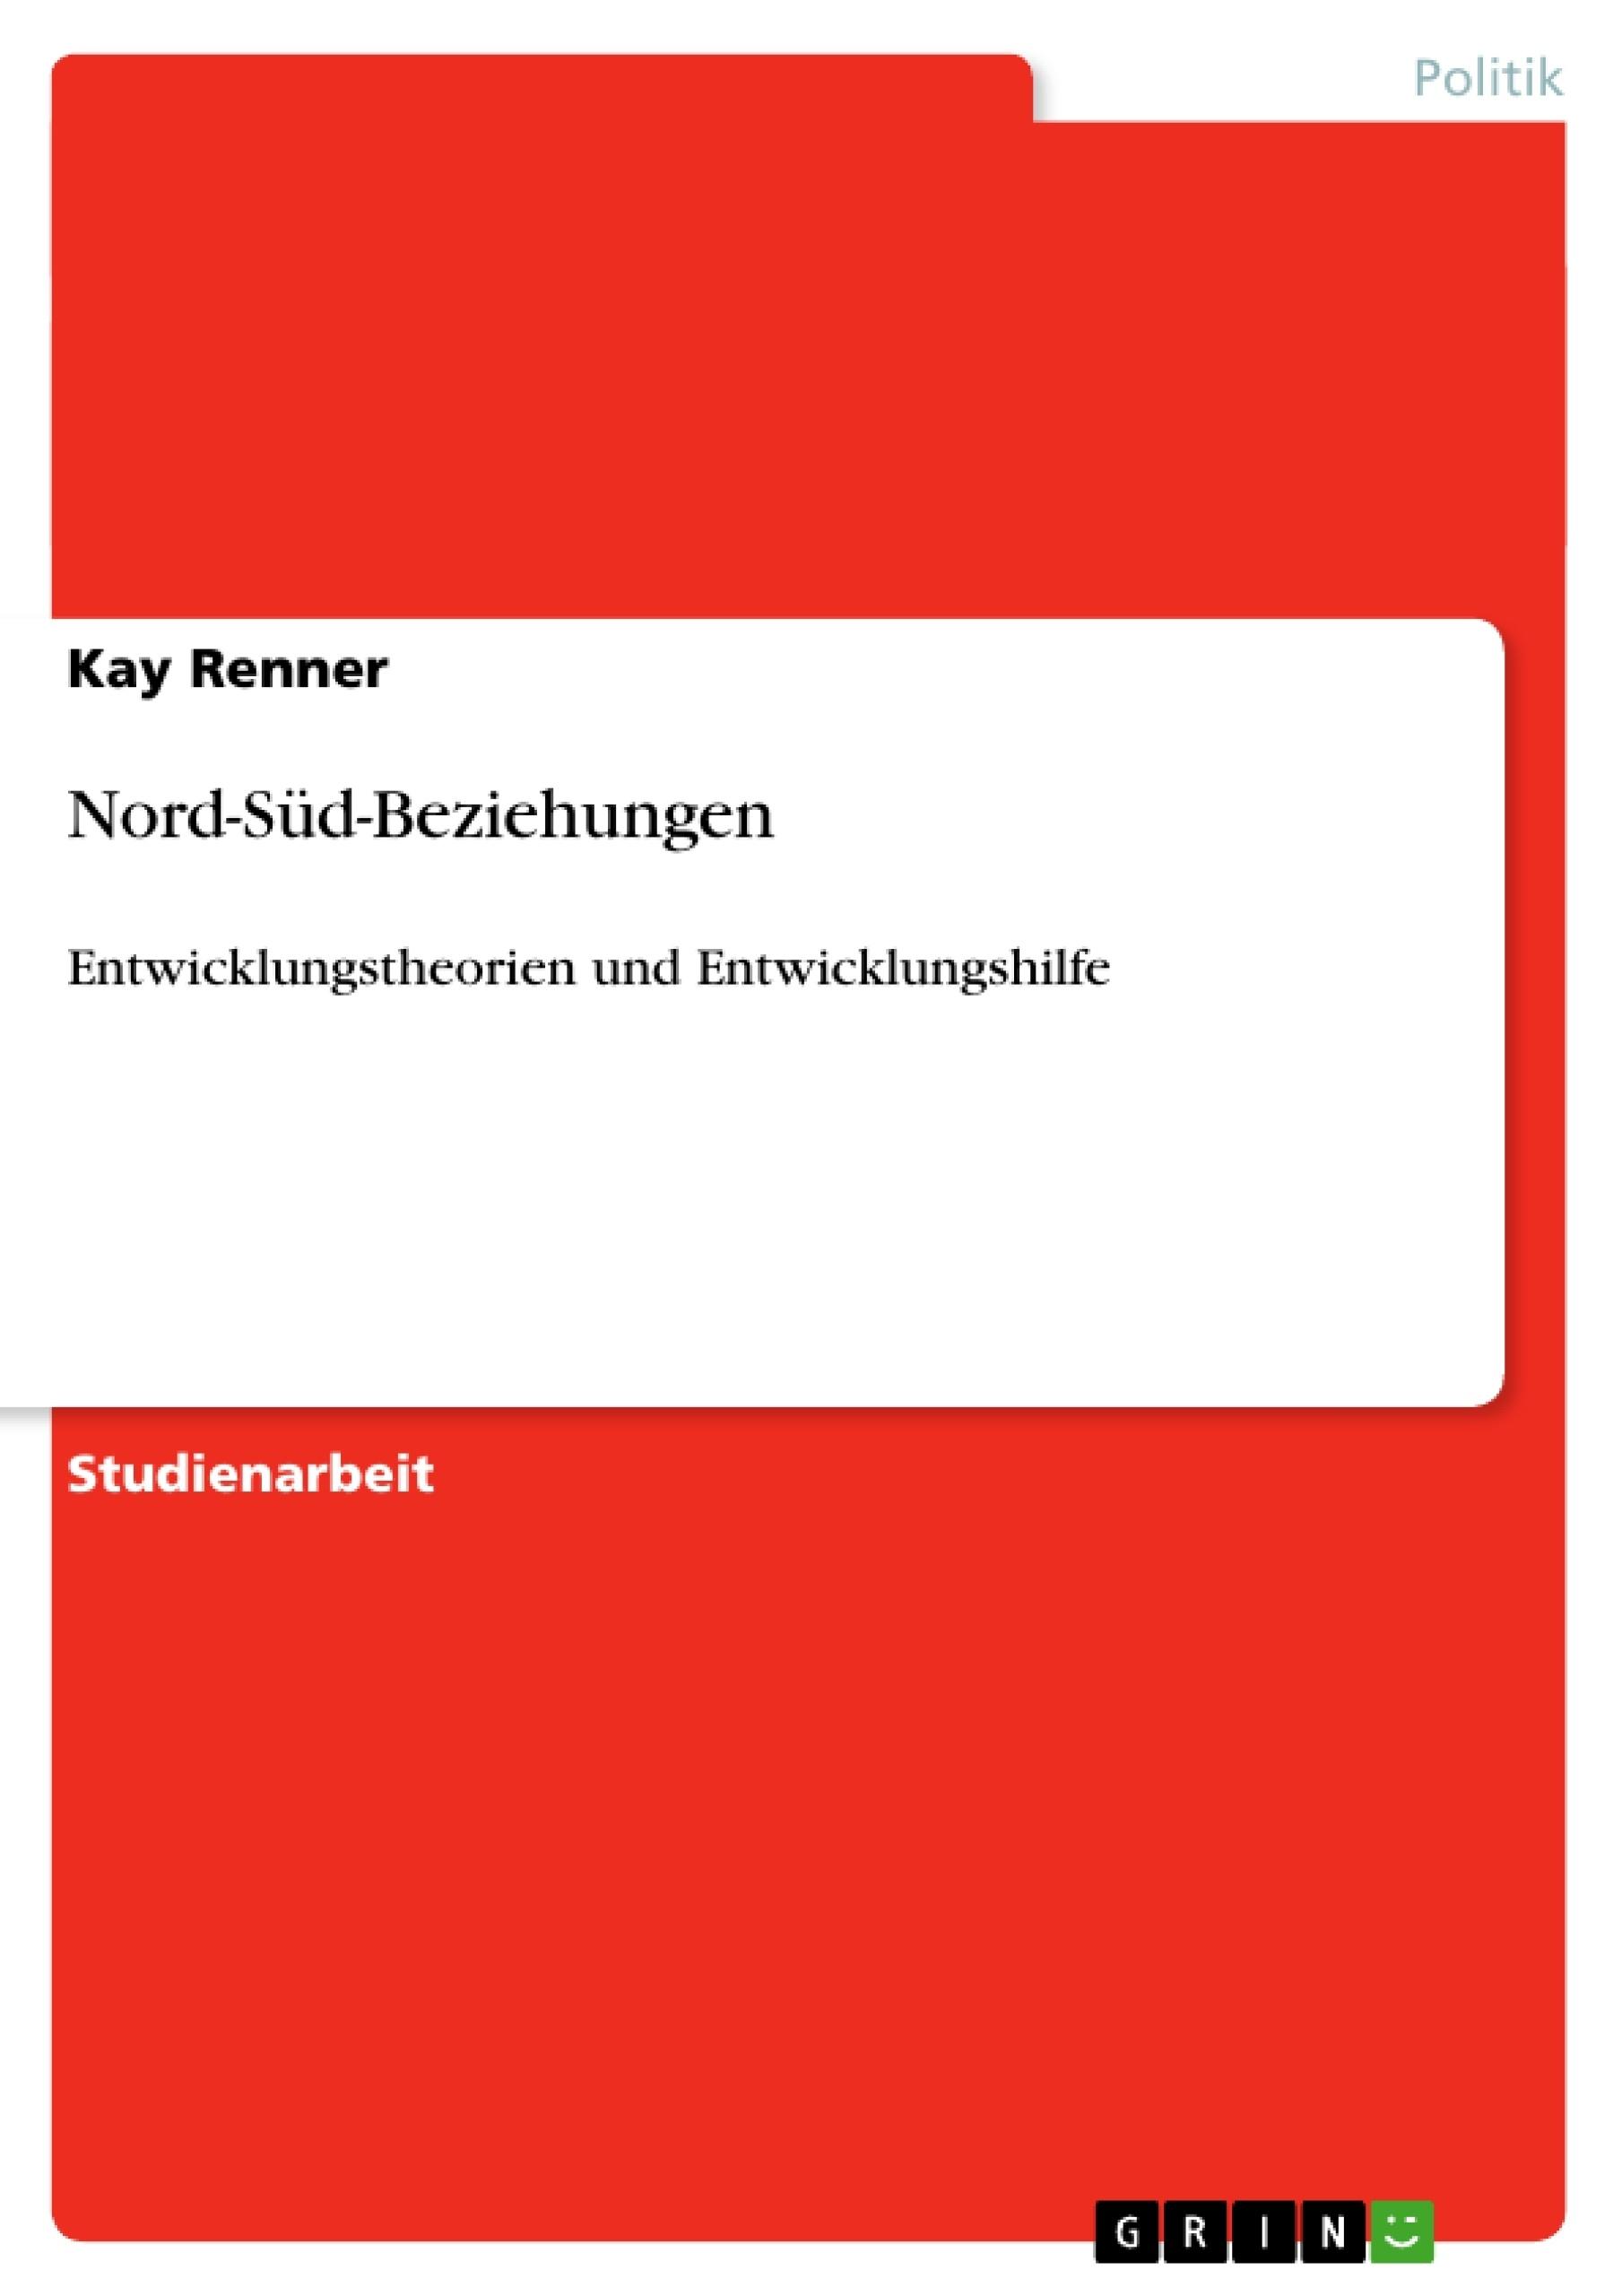 Titel: Nord-Süd-Beziehungen